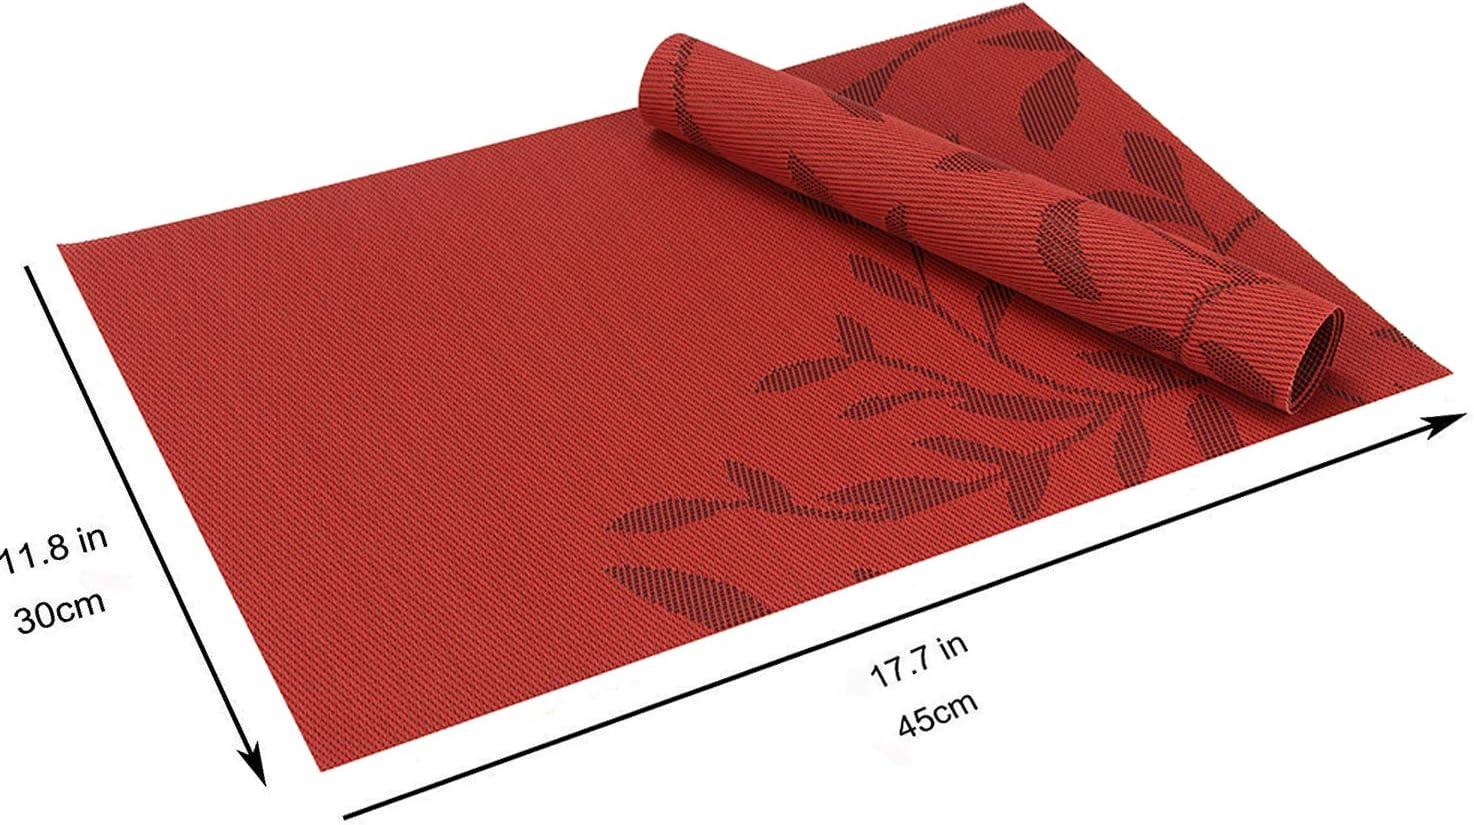 45 x 30 CM Lot de 6 Gris+ Argent/é Table /à Manger en Cuisine ou Salle /à Manger CHAOCHI Sets de Table PVC Antid/érapant Lavable R/ésiste /à la Chaleur Rectangulaire Vinyle Set de Table pour Restaurant